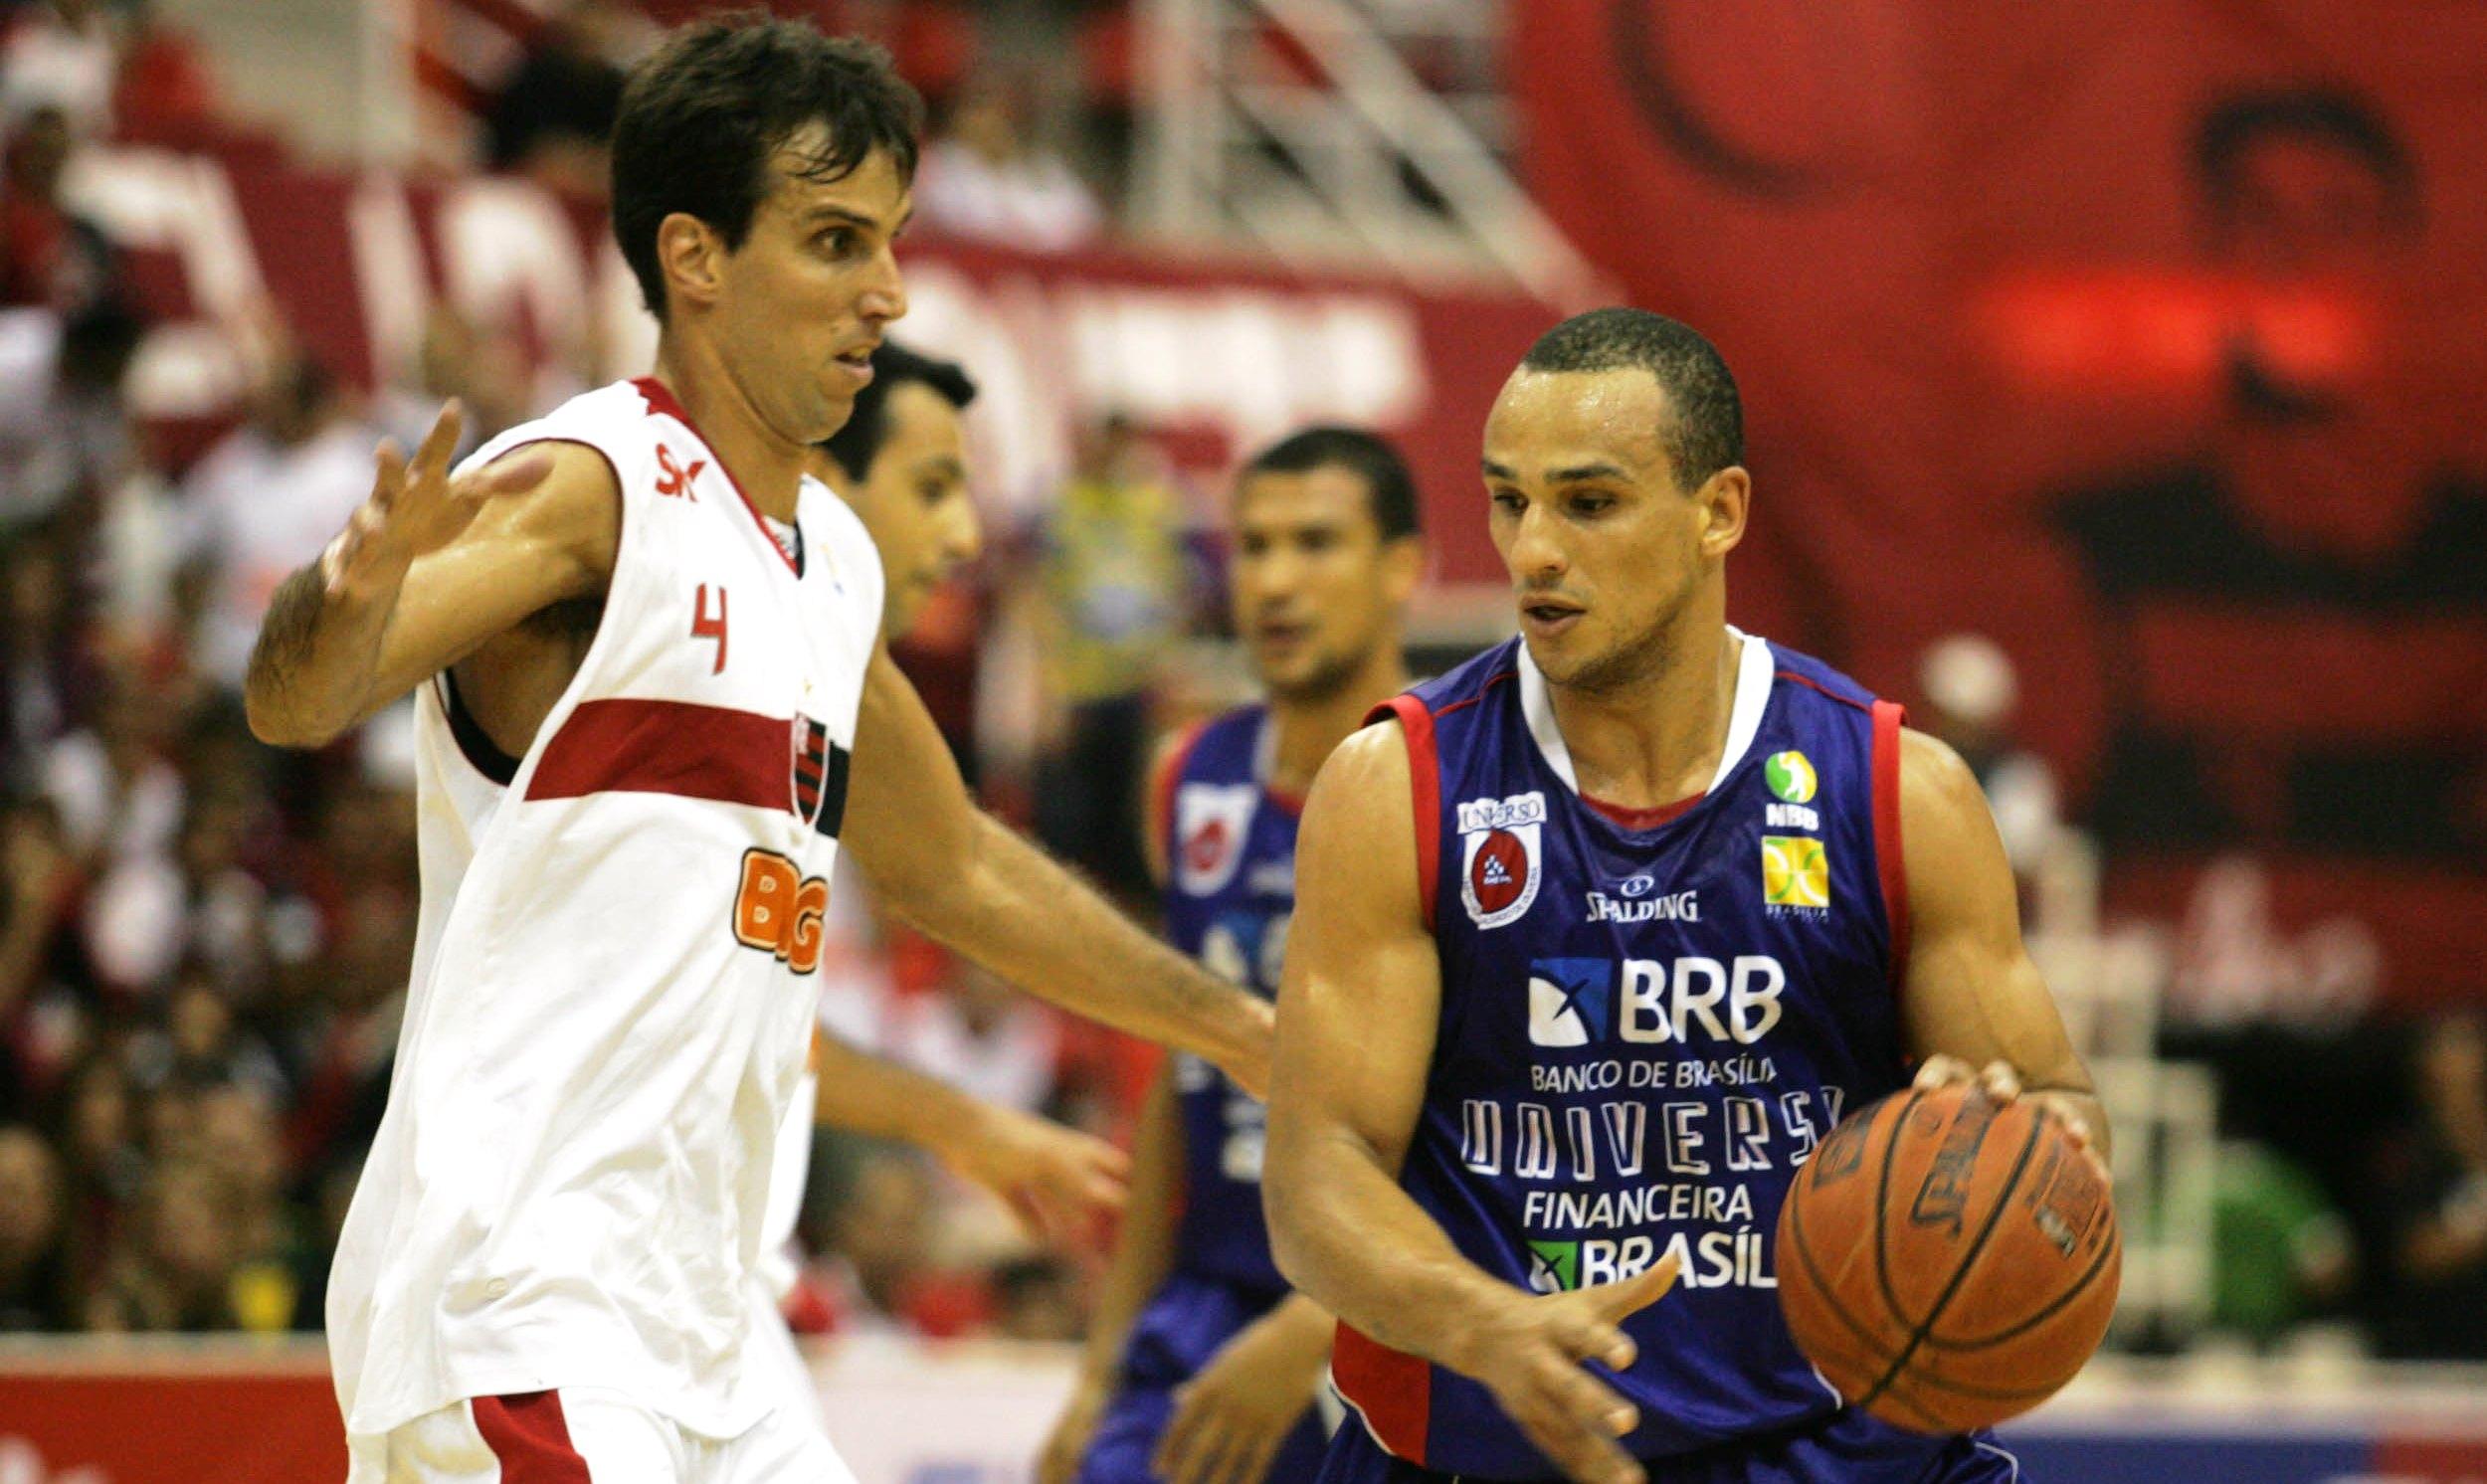 Alex e Marcelinho são dois dos principais protagonistas da história do duelo no NBB (Ricardo Cassiano/Divulgação)